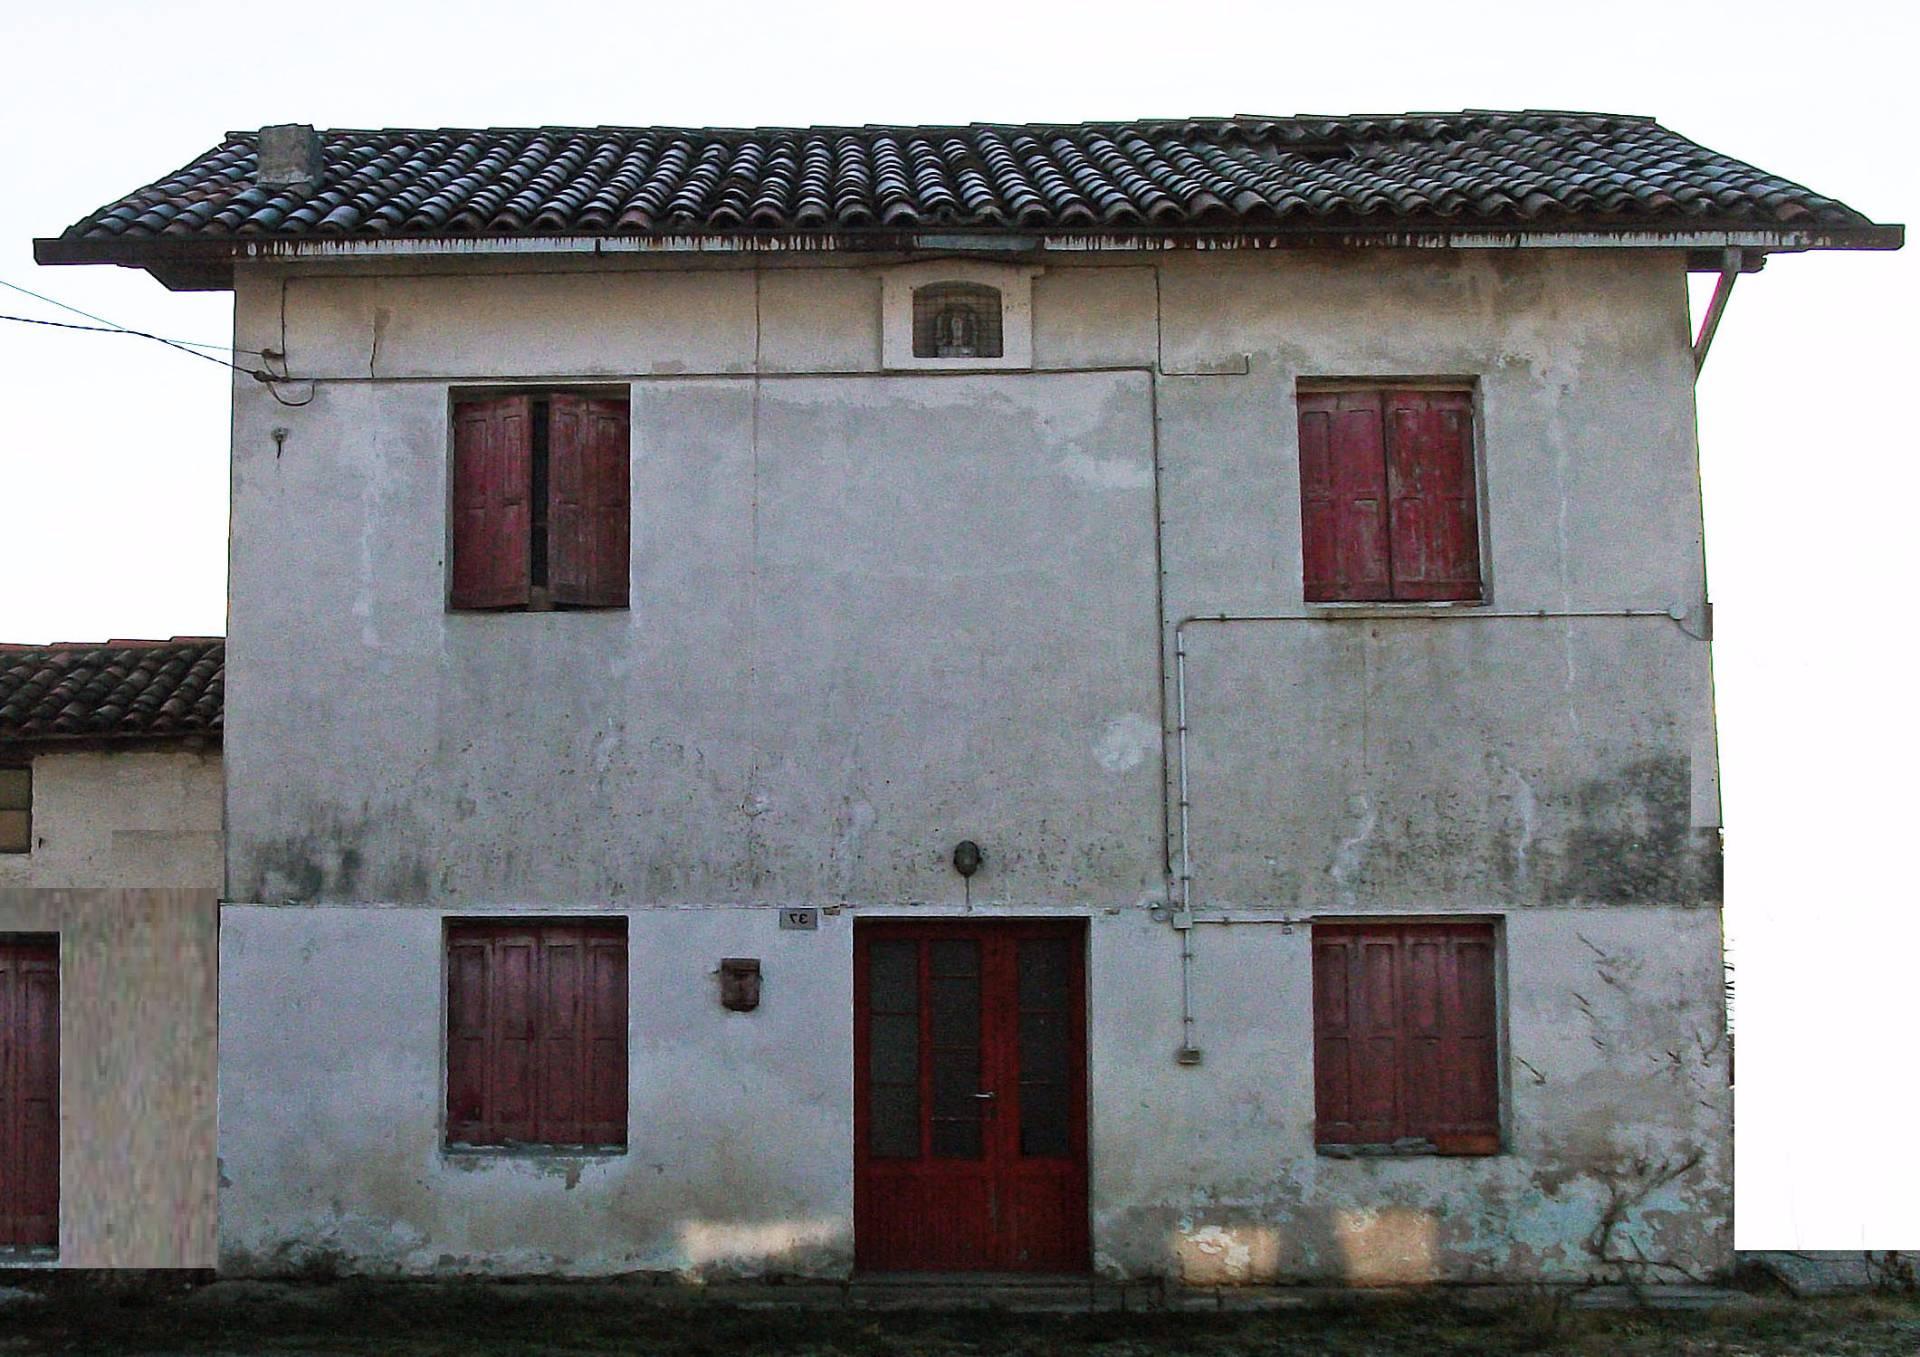 Rustico / Casale in vendita a San Giovanni al Natisone, 4 locali, prezzo € 35.000 | CambioCasa.it